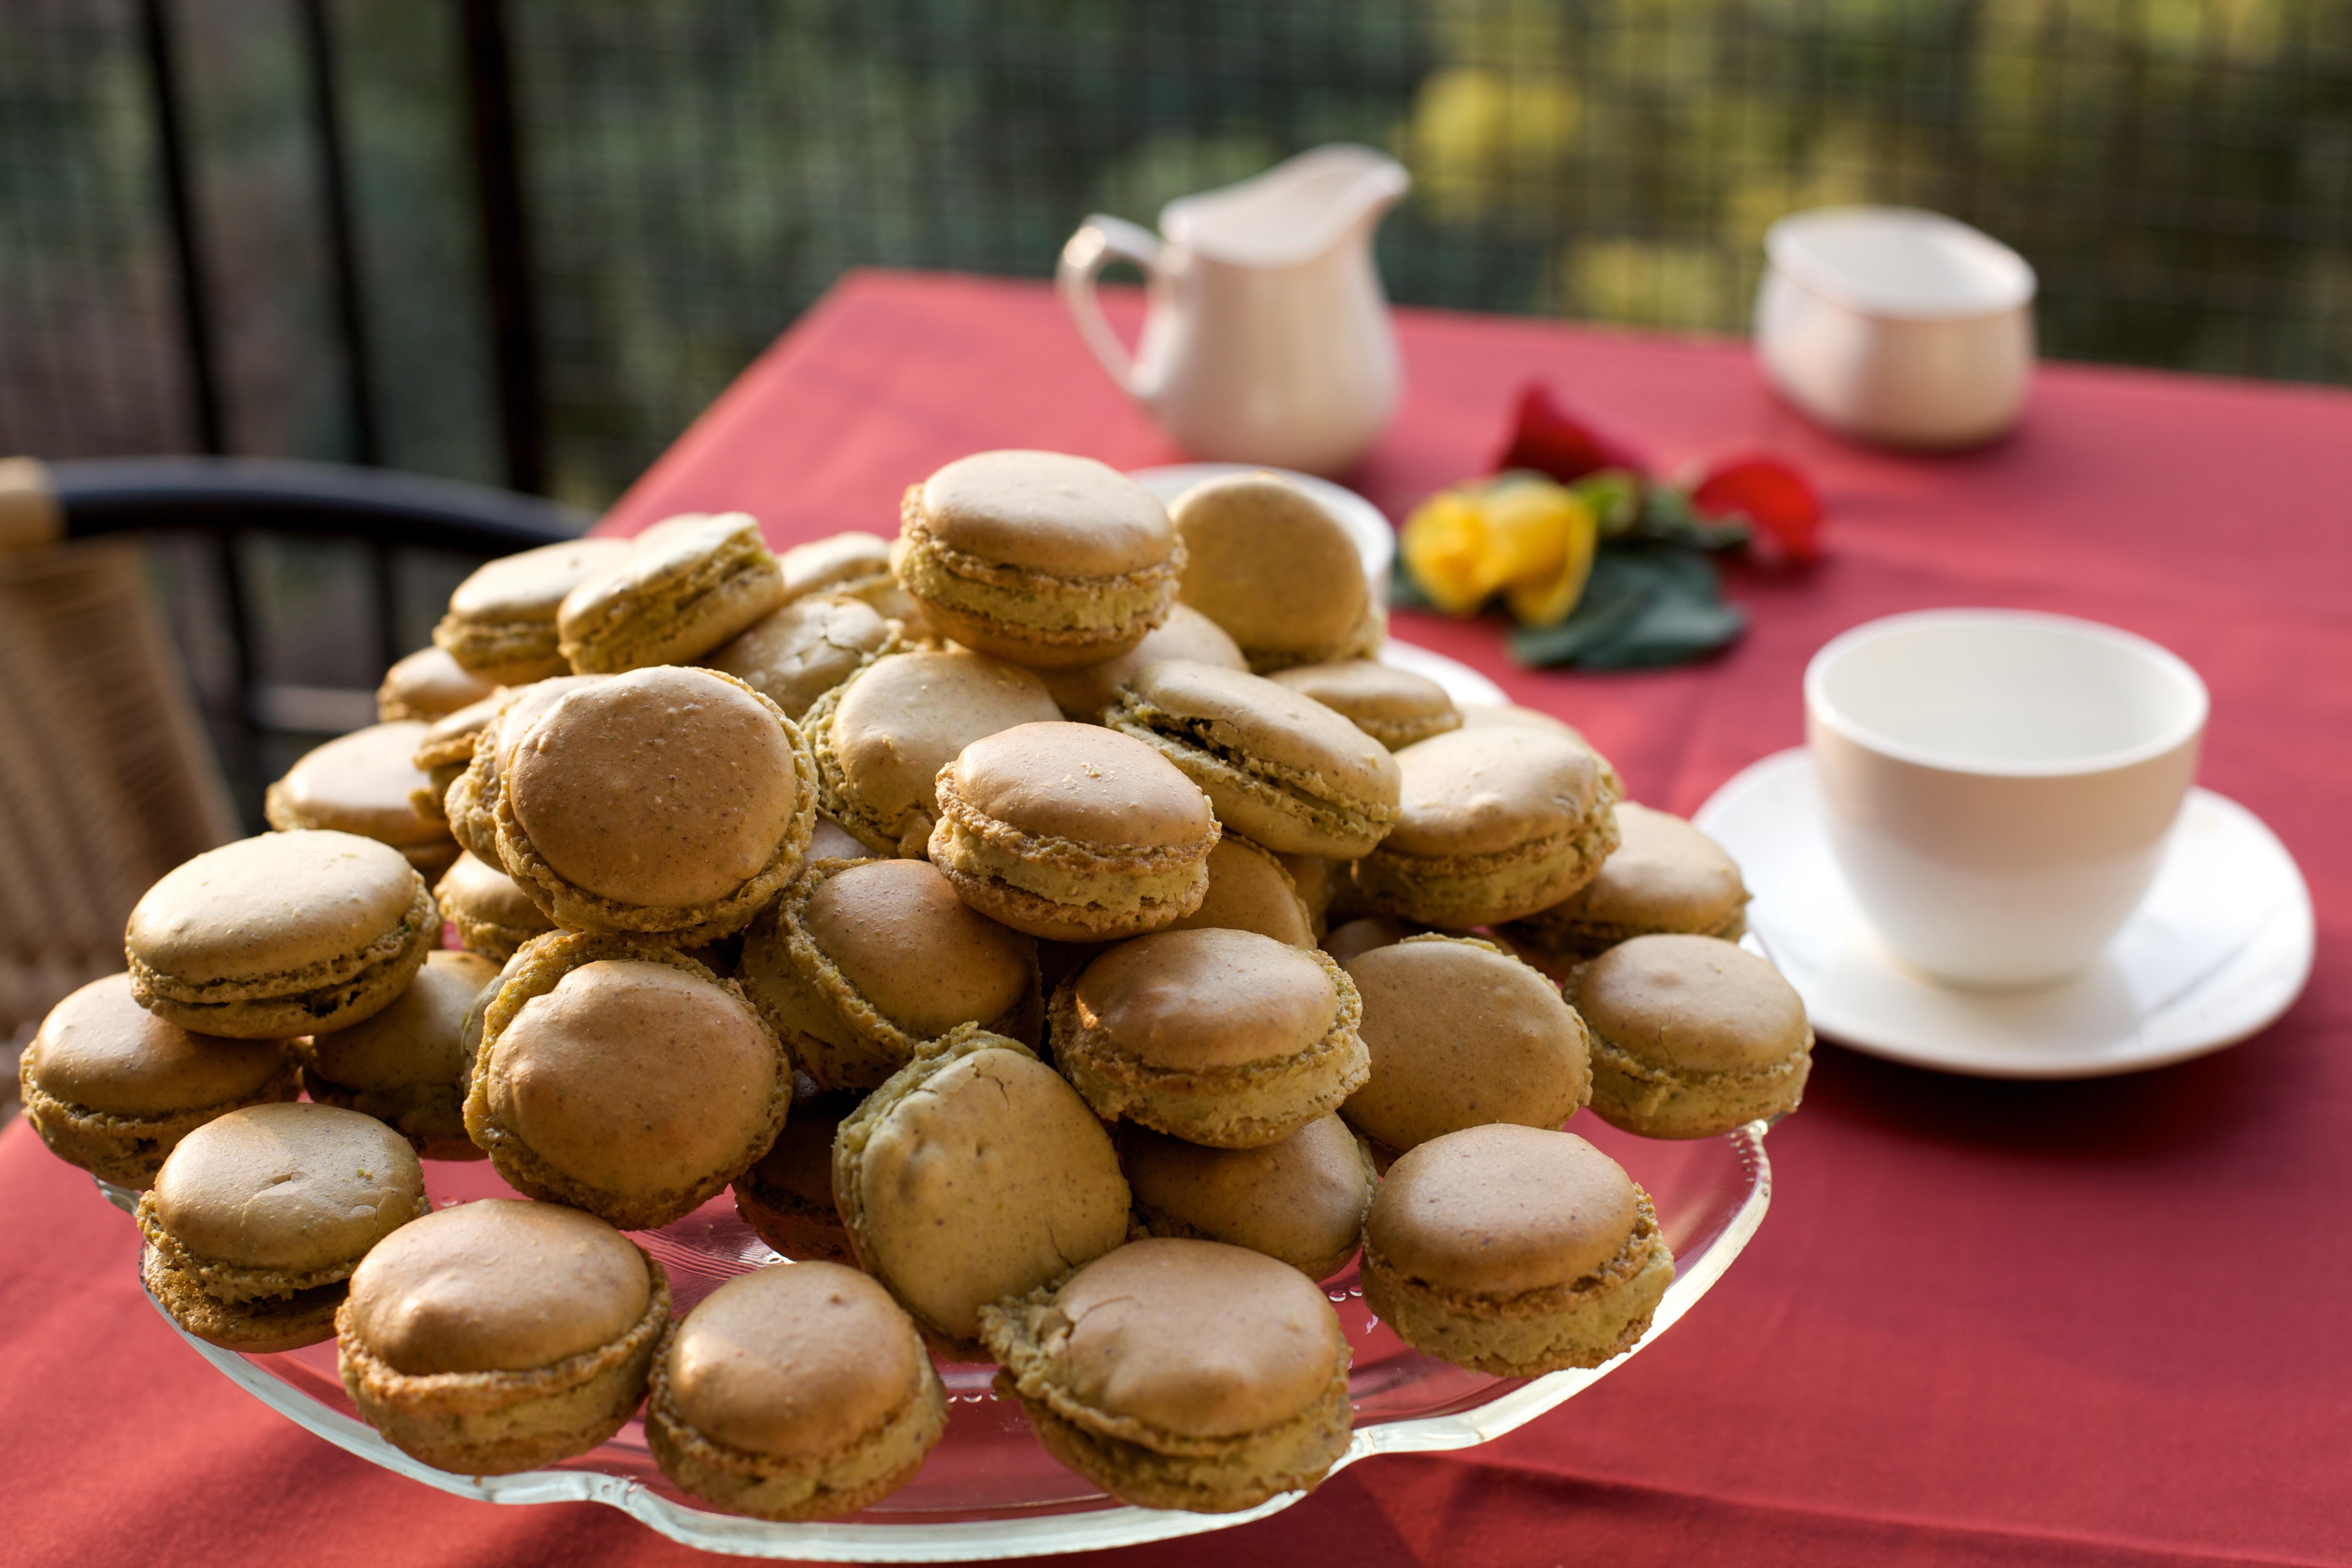 of our almond nigella favors pistachios toitalian pistachio macaron ...